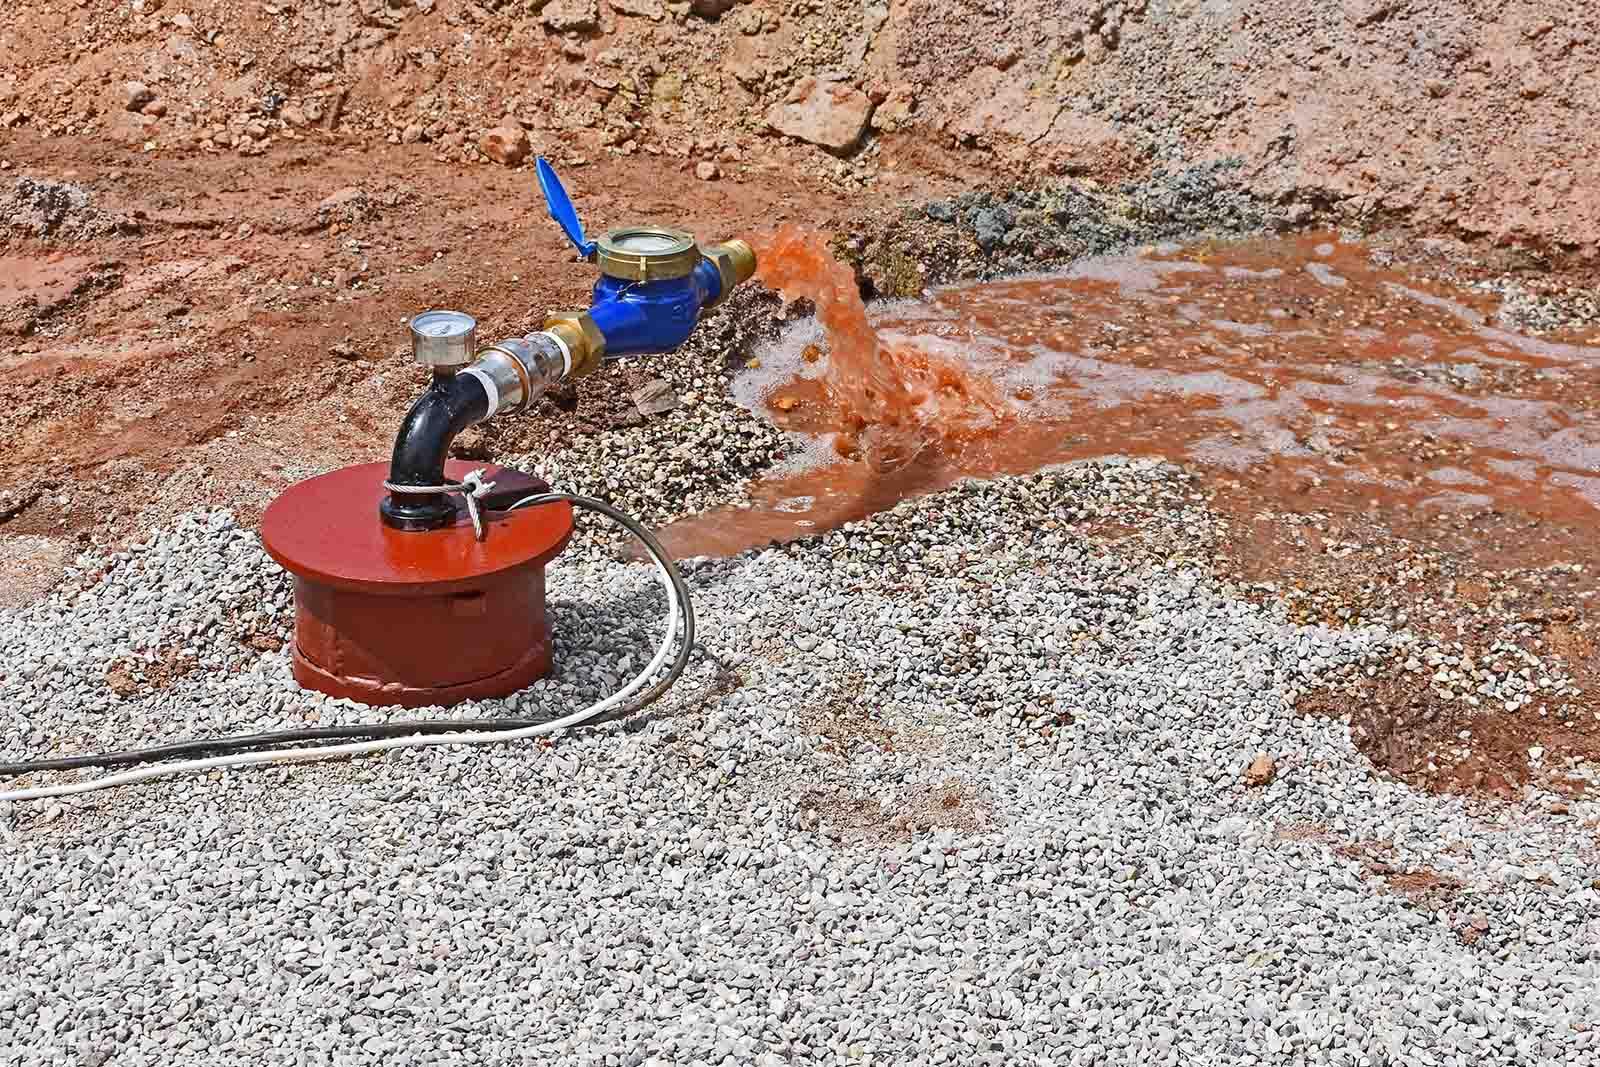 Δοκιμαστική άντληση σε γεώτρηση νερού